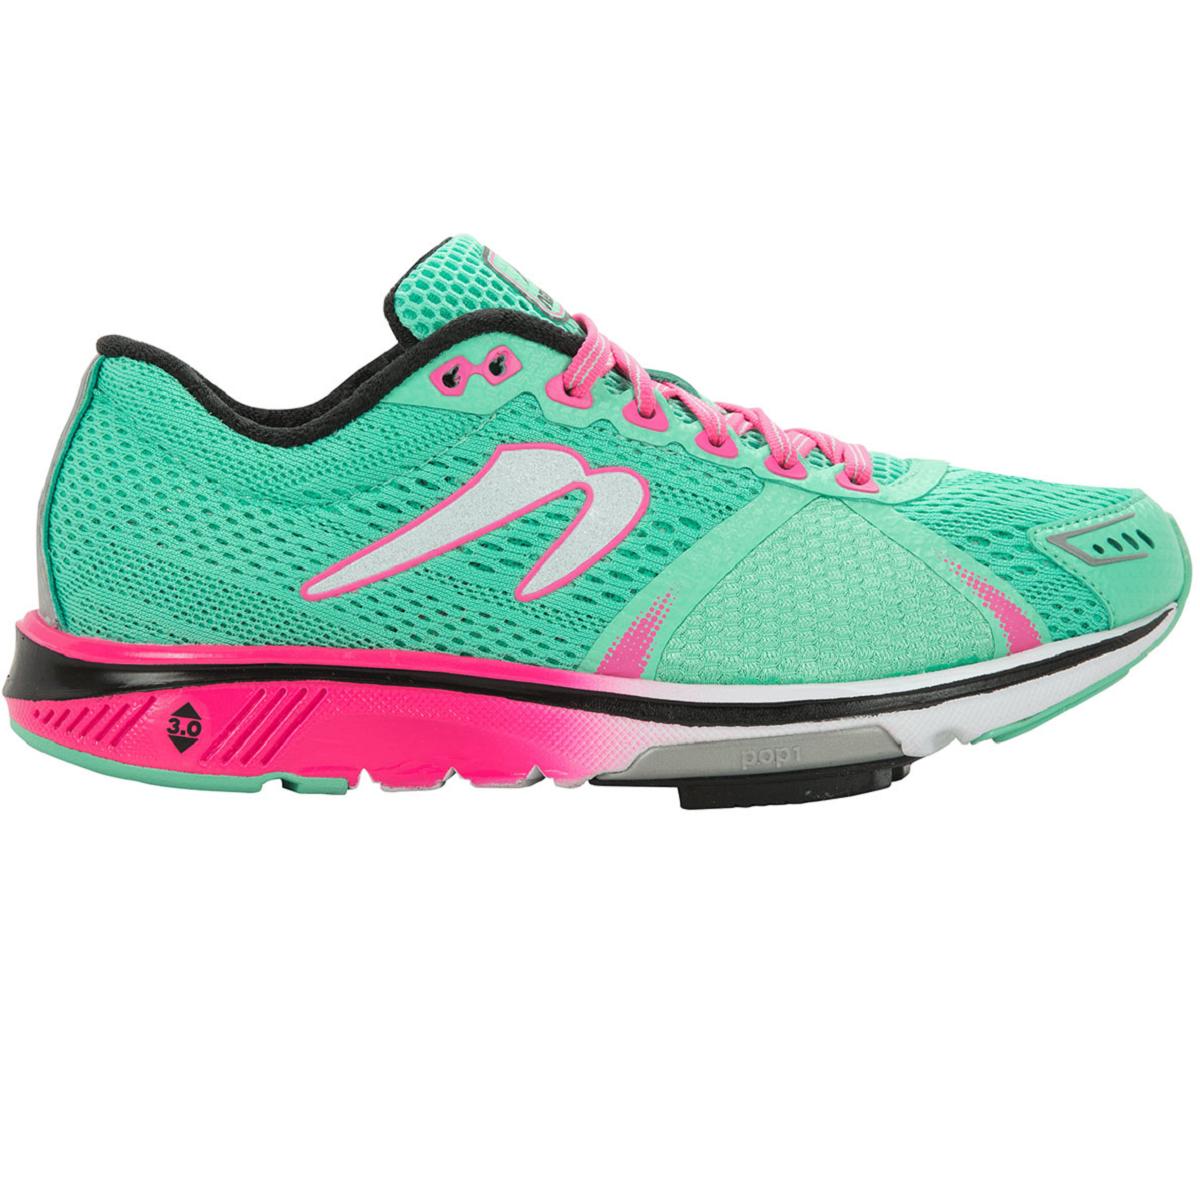 Newton Running Gravity 7 Damen Laufschuhe Turnschuhe Sportschuhe türkis W000218